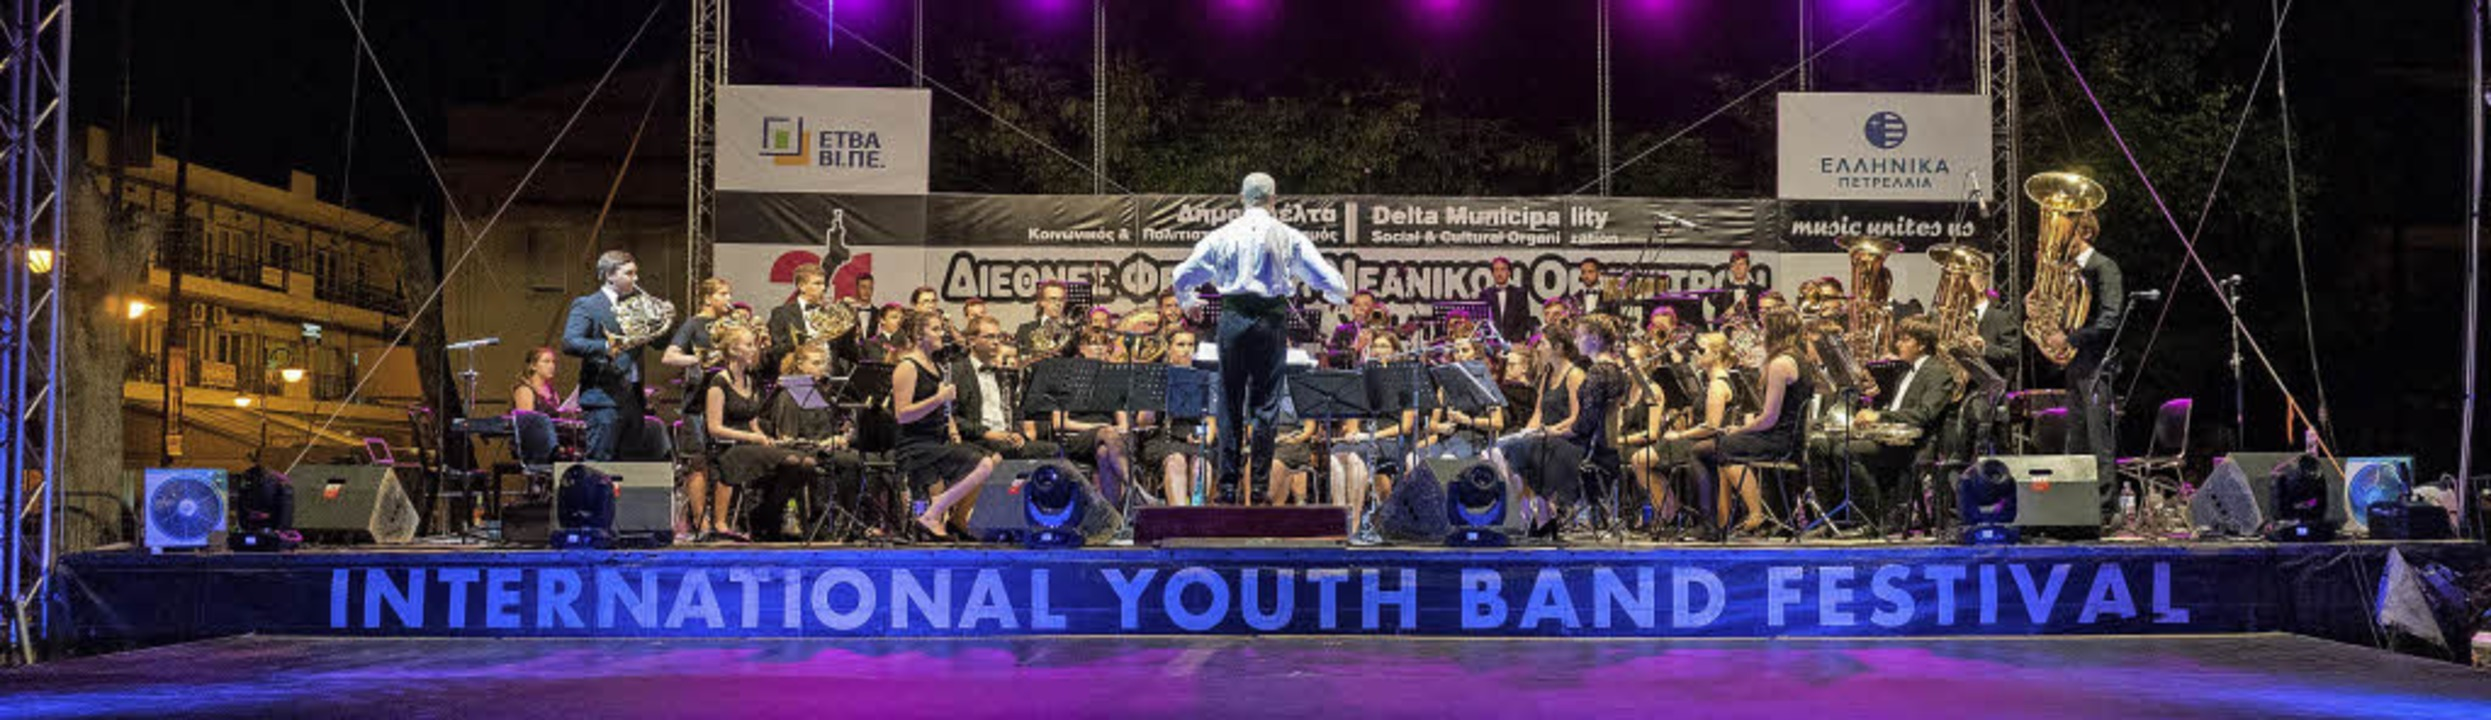 Das Verbandsjugendorchester Hochrhein beim Auftritt in Thessaloniki   | Foto: Roman Lüttin